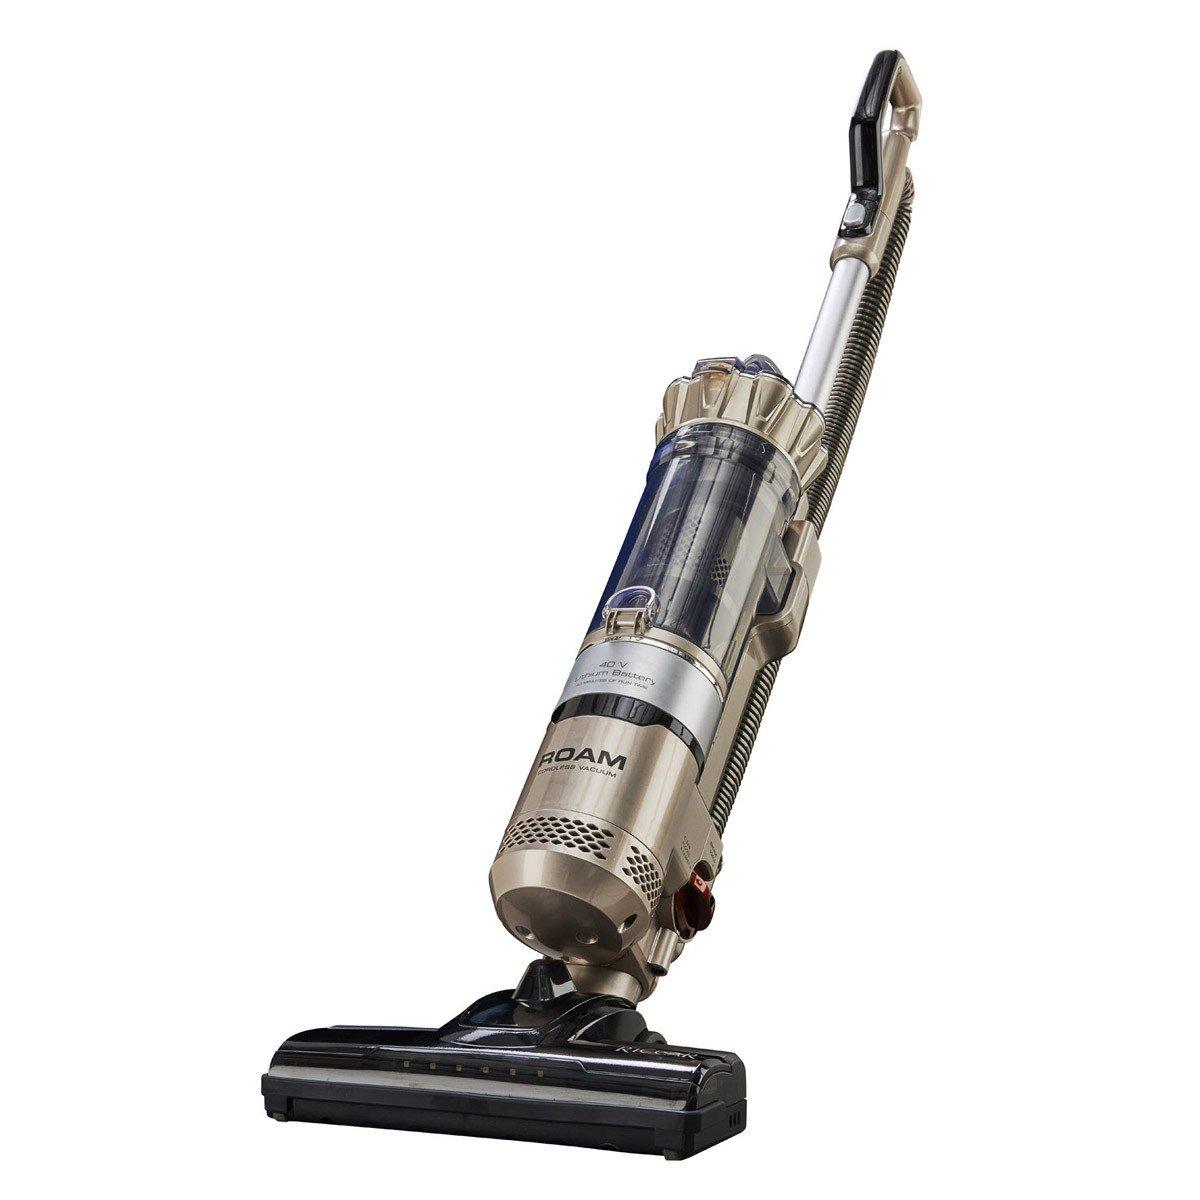 Roam Cordless Vacuum